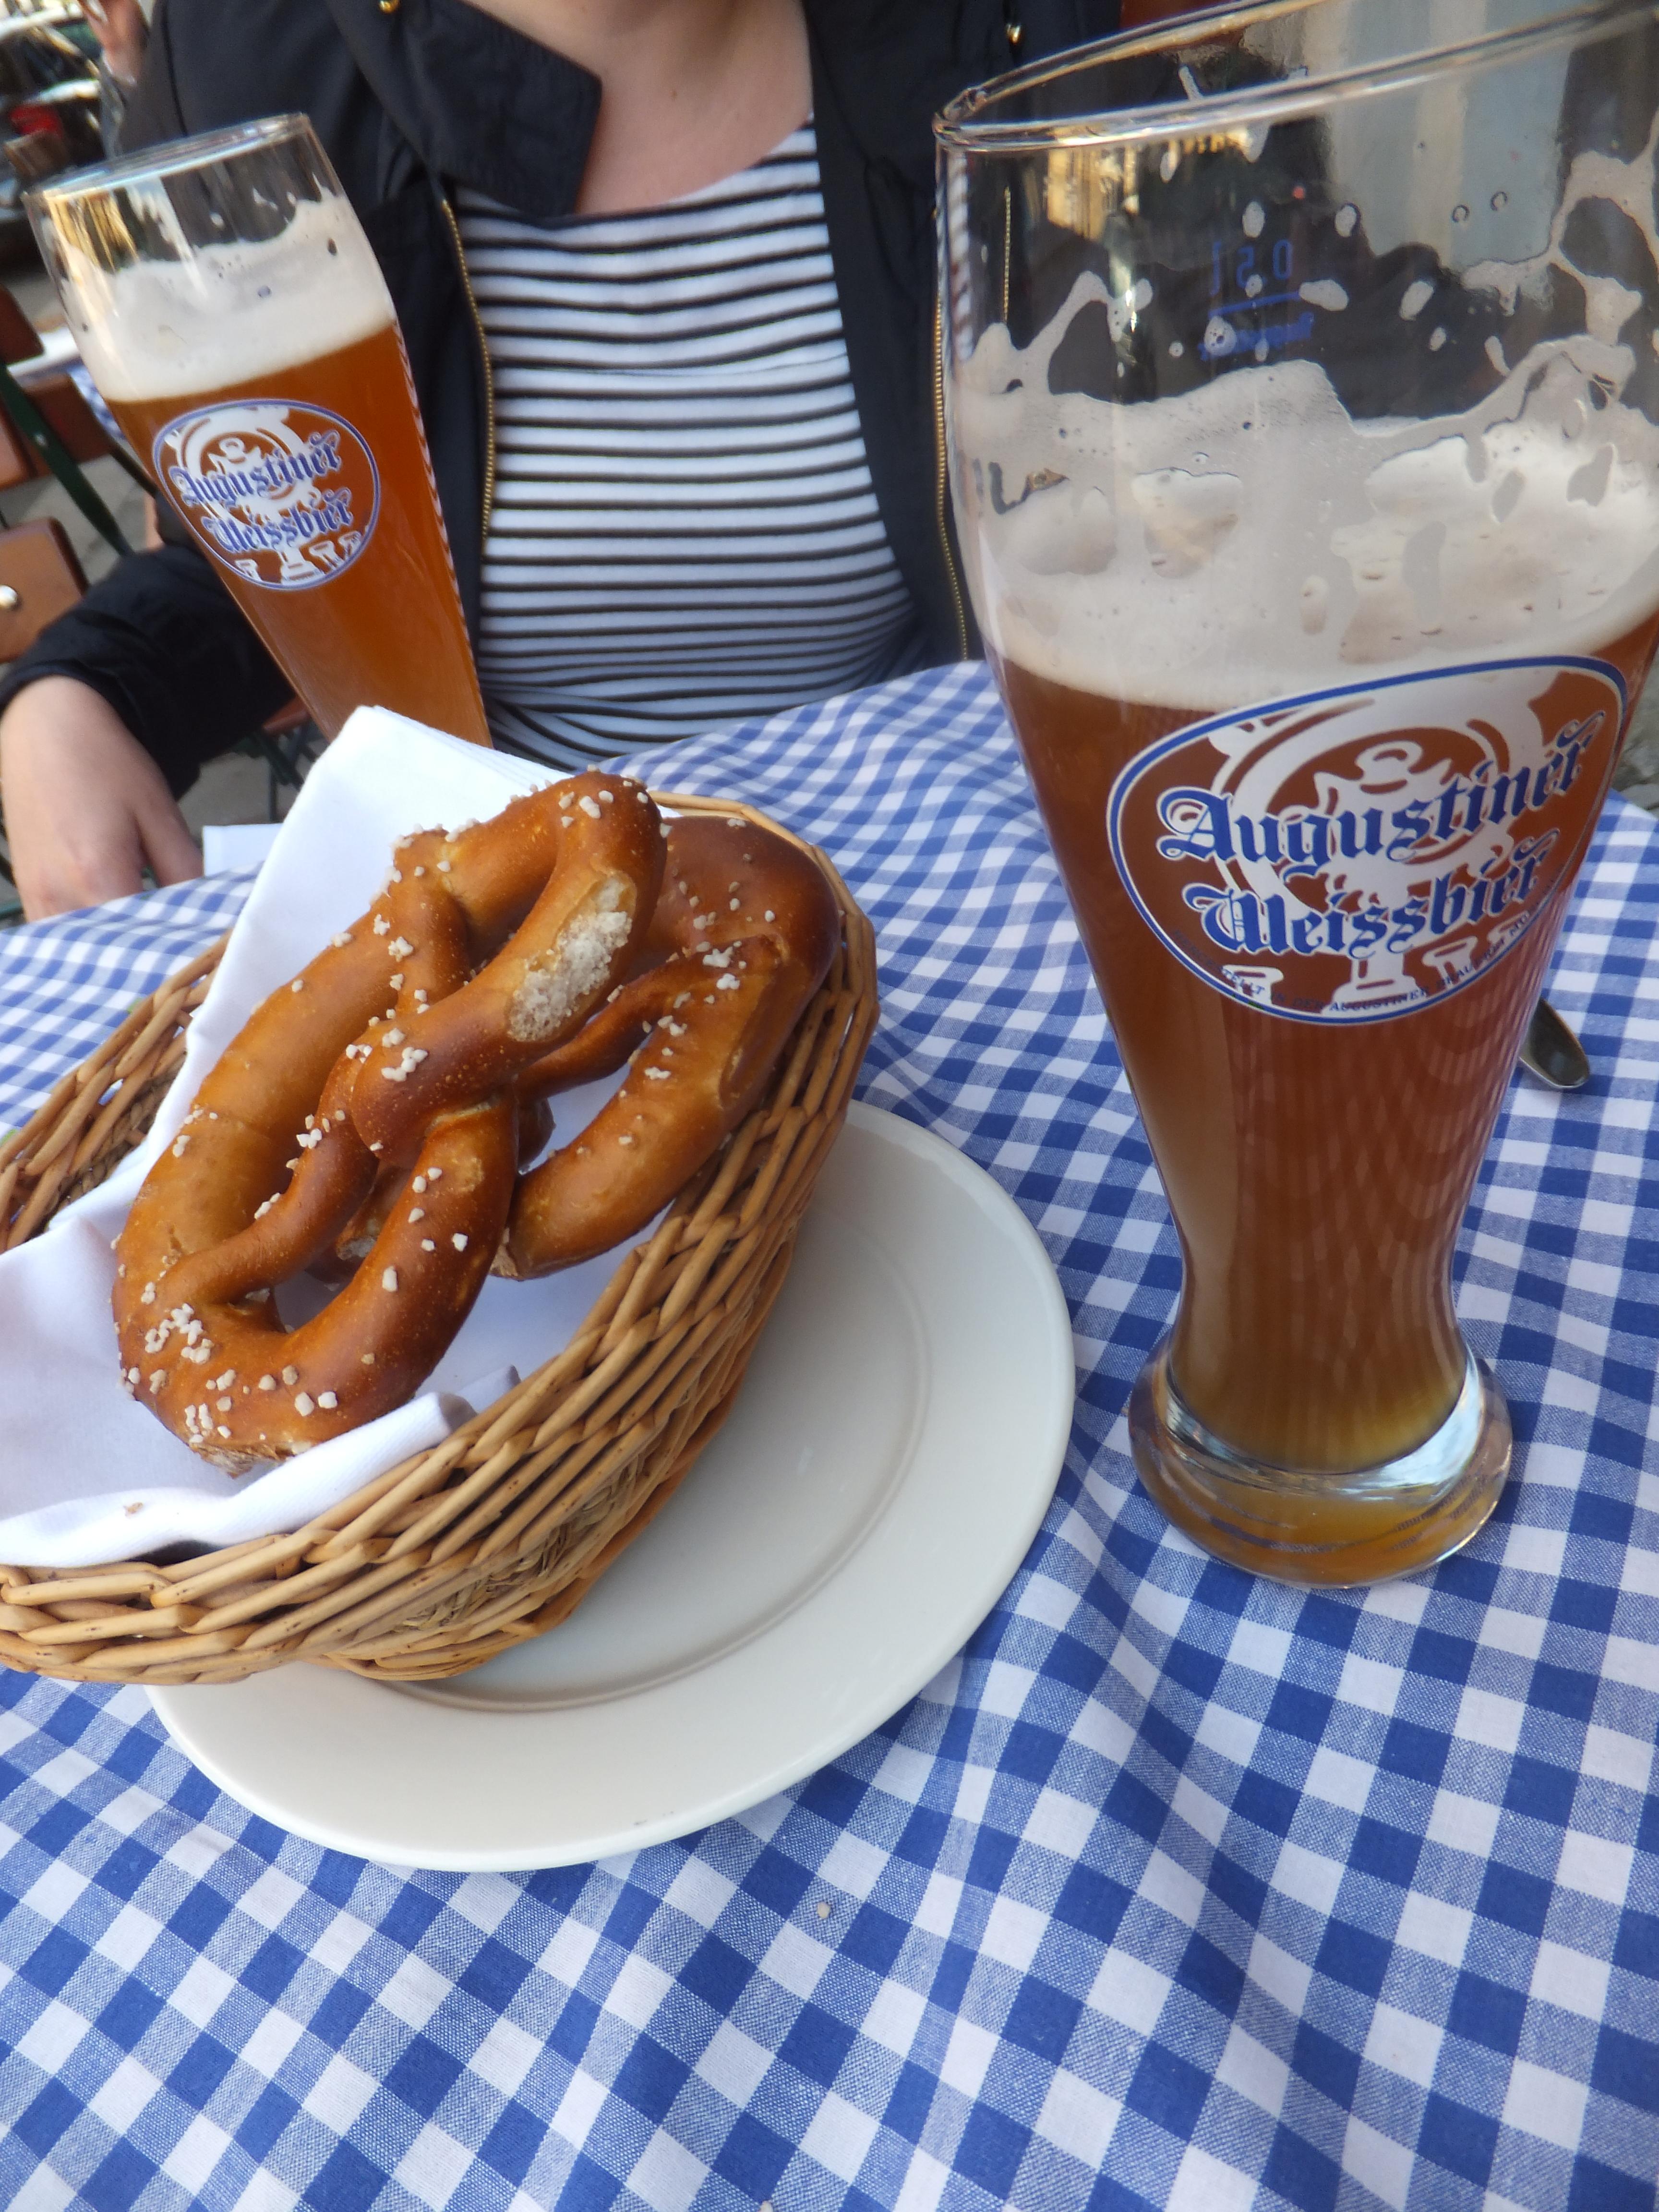 Guttentag Deutschland!